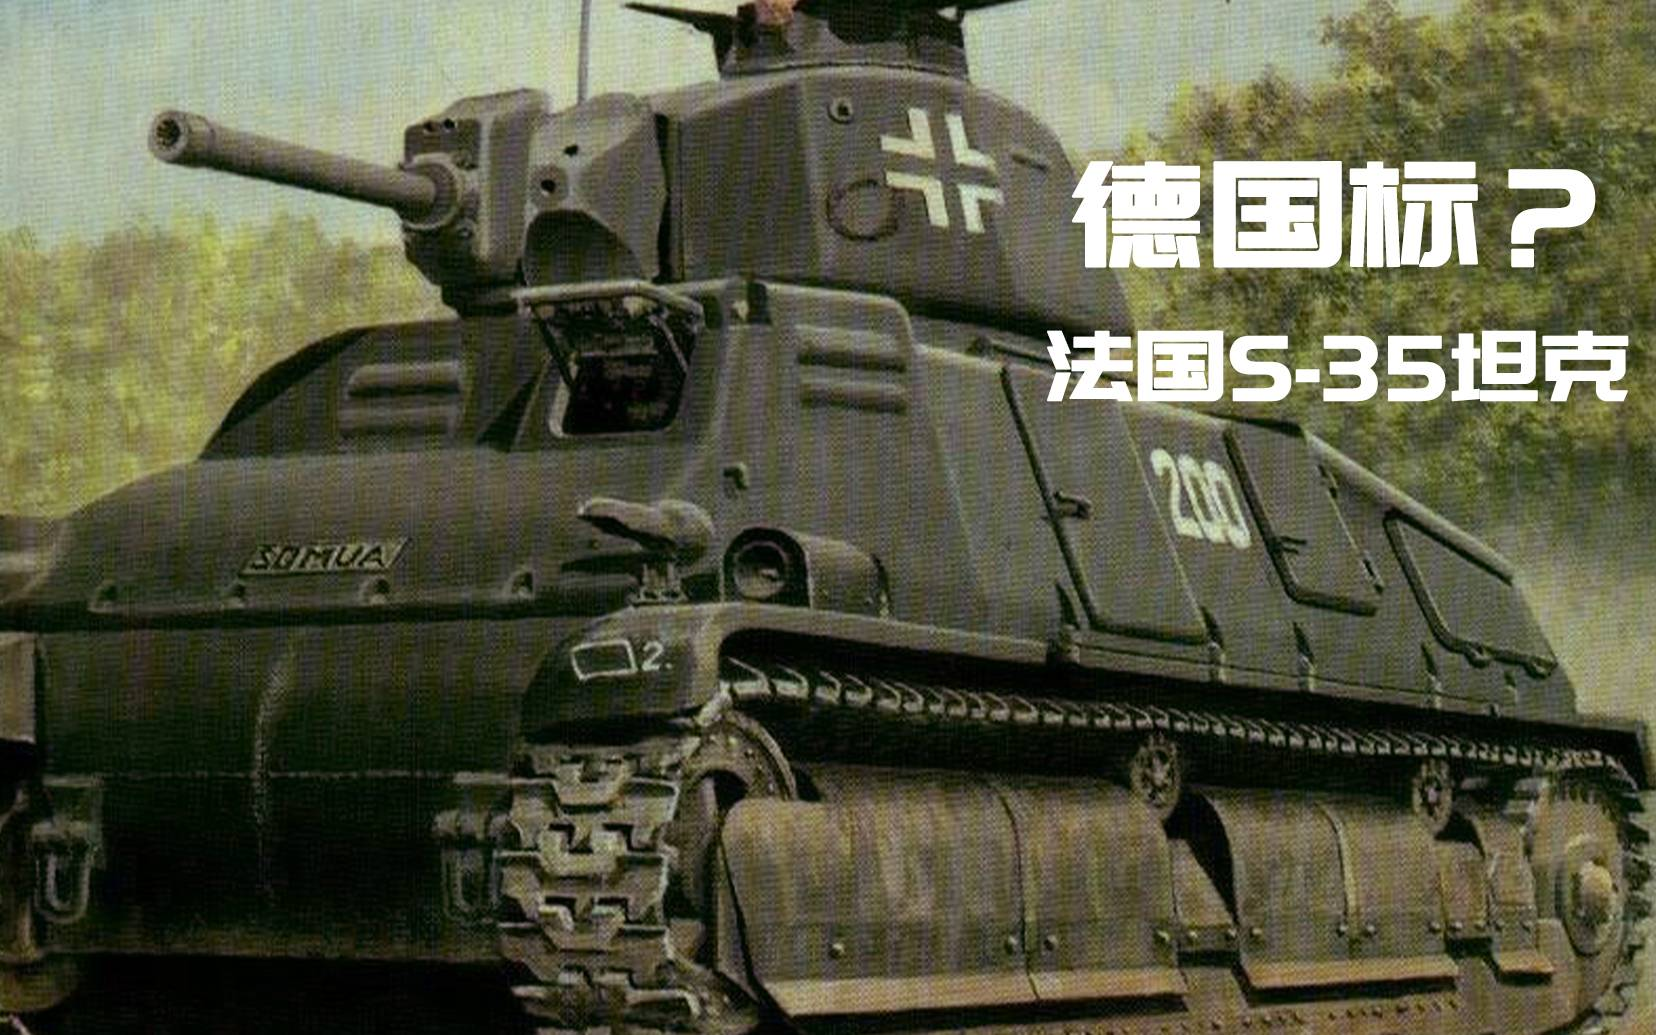 【讲堂614期】详解法国SOMUA S-35坦克,曾经第一梯队,为何最后是给德国做嫁衣